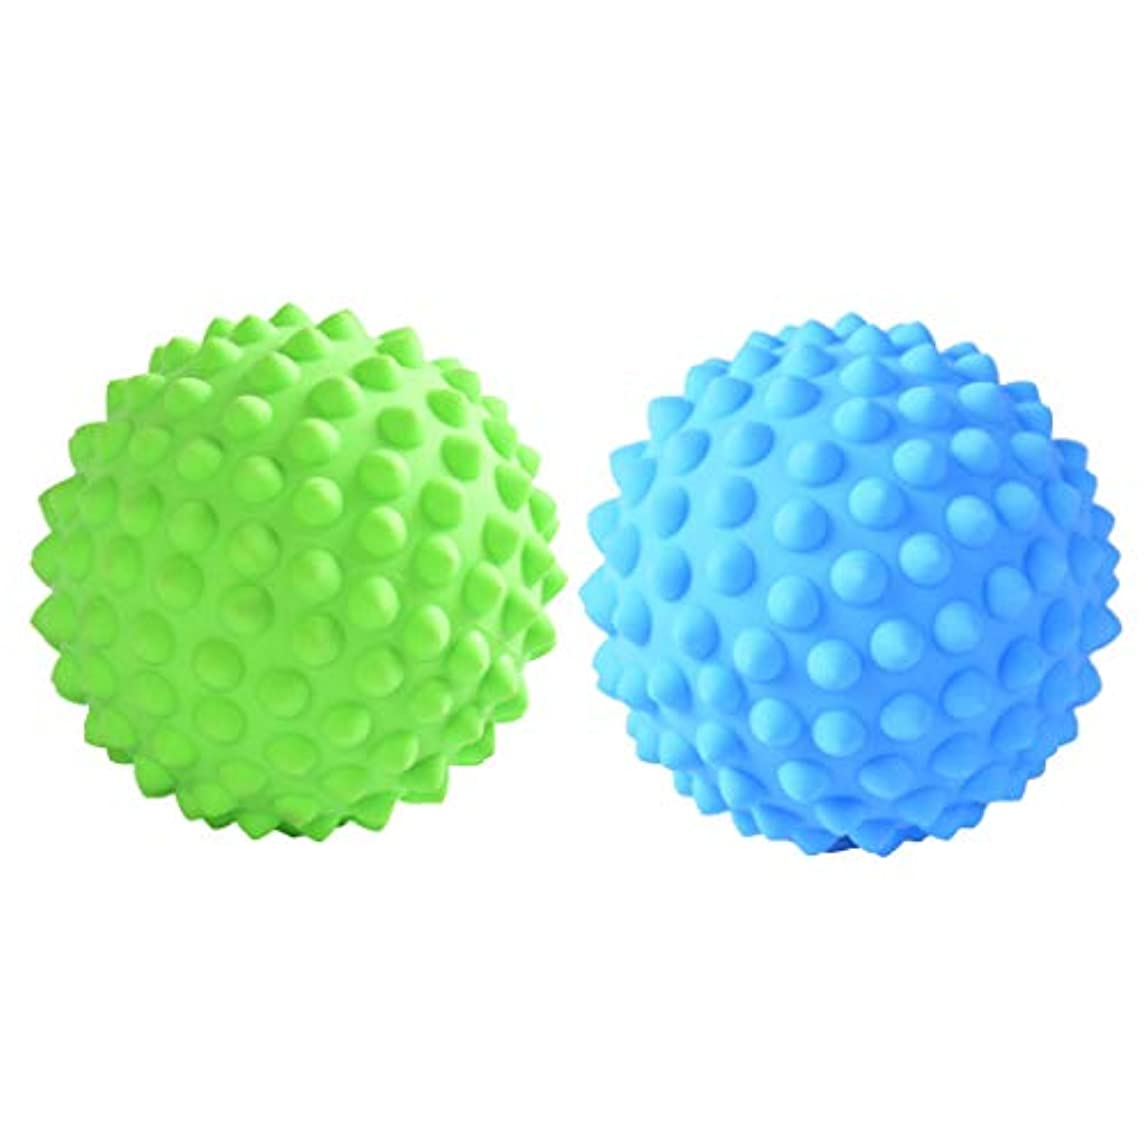 アレルギー性期限切れケニアchiwanji マッサージローラーボール 指圧ボール トリガーポイント 疲れ解消ボール ヨガ 疲労軽減 2個入